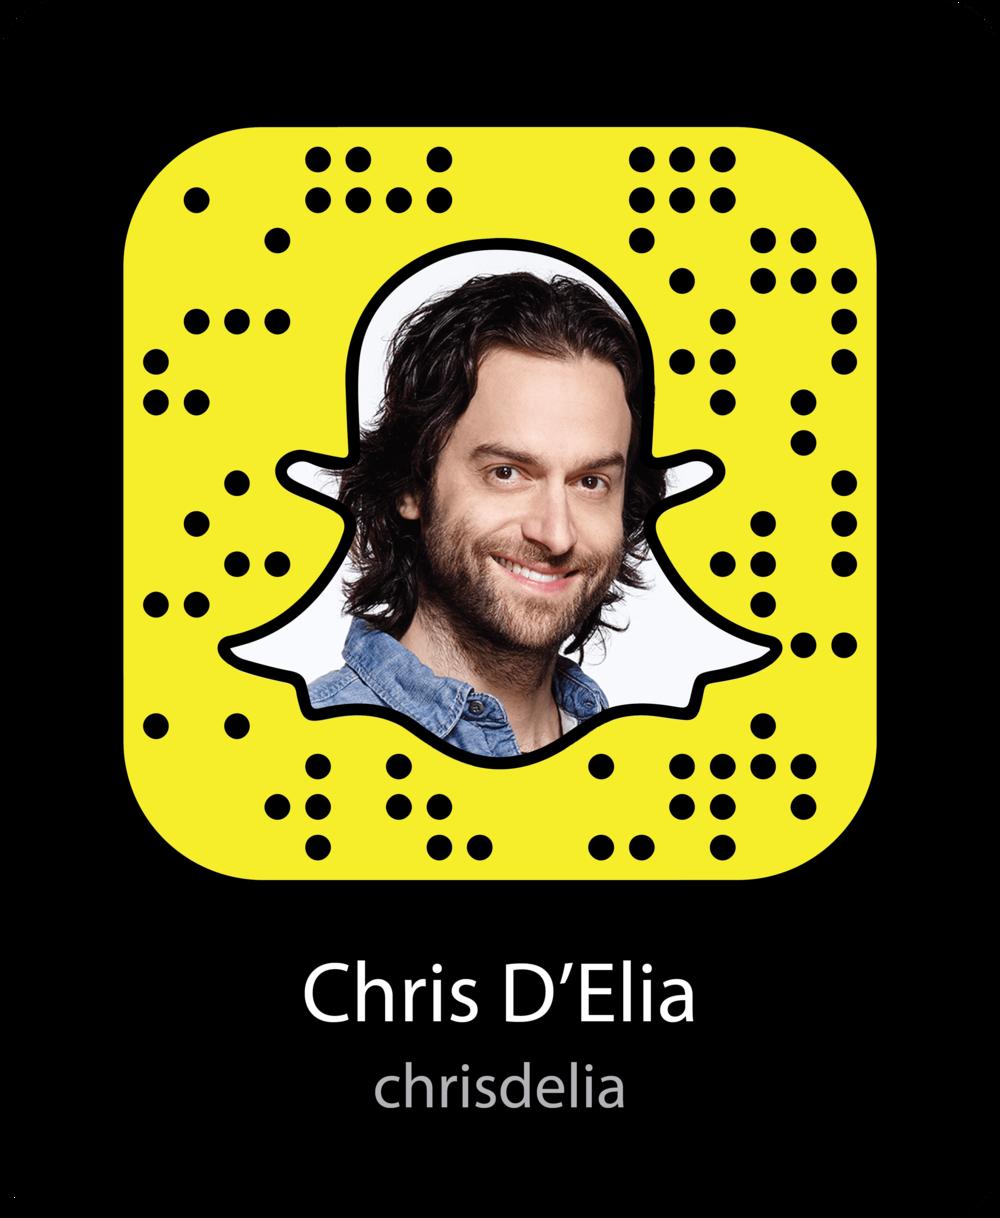 chris-delia-vine-celebrity-snapchat-snapcode